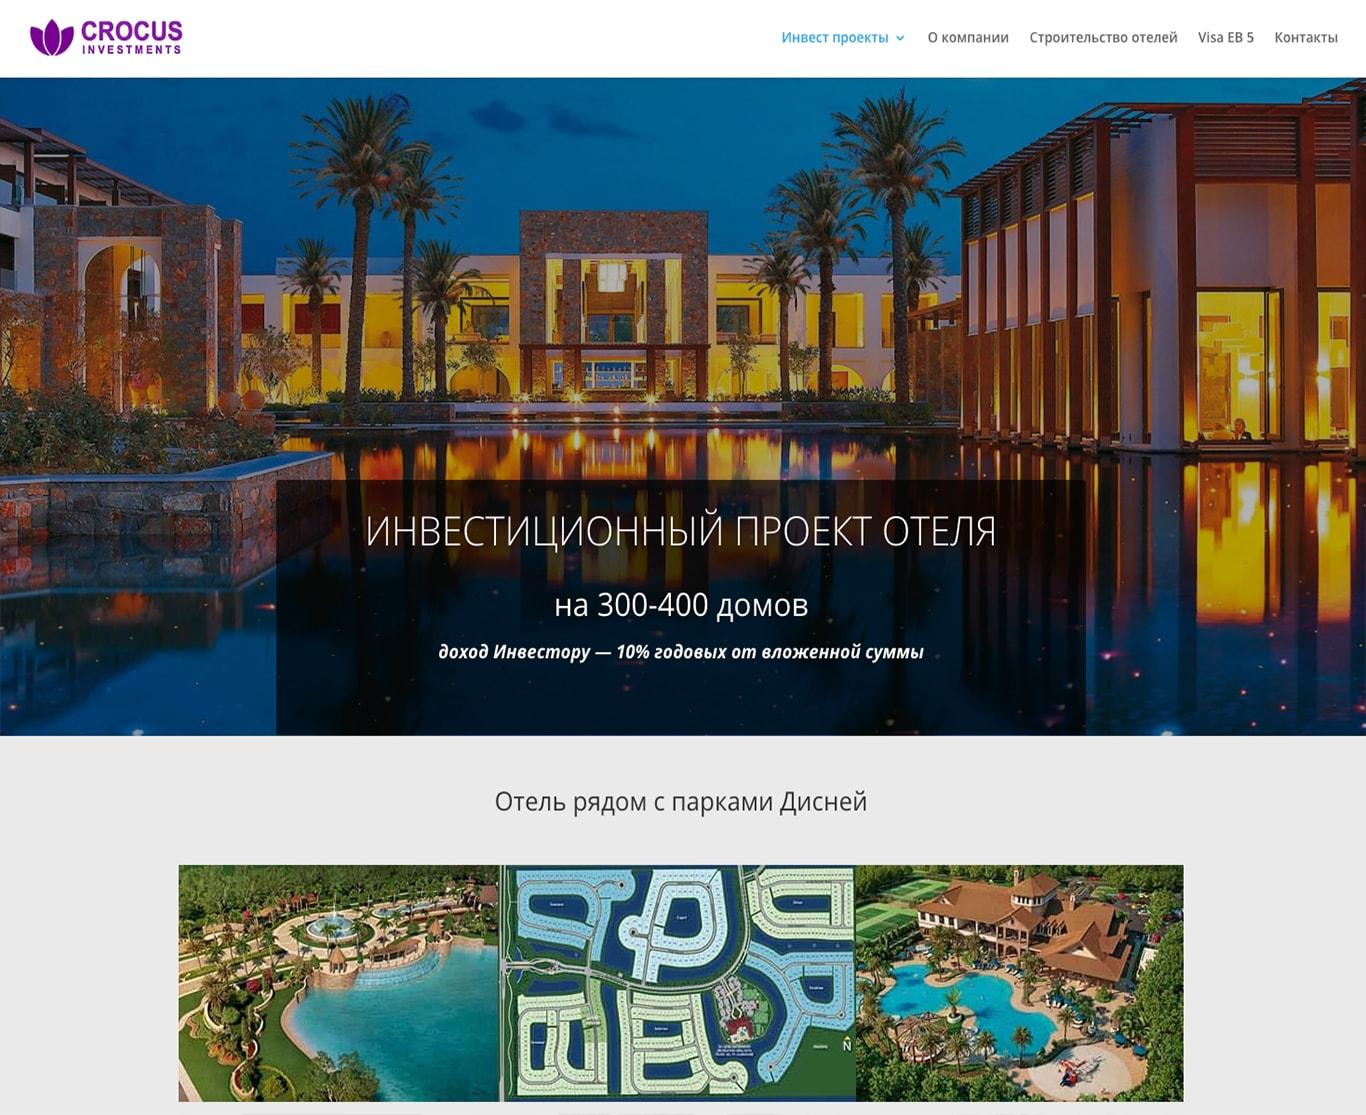 SEO продвижение сайтов в США-portfolio--seo-services-seotoptop.com-inves